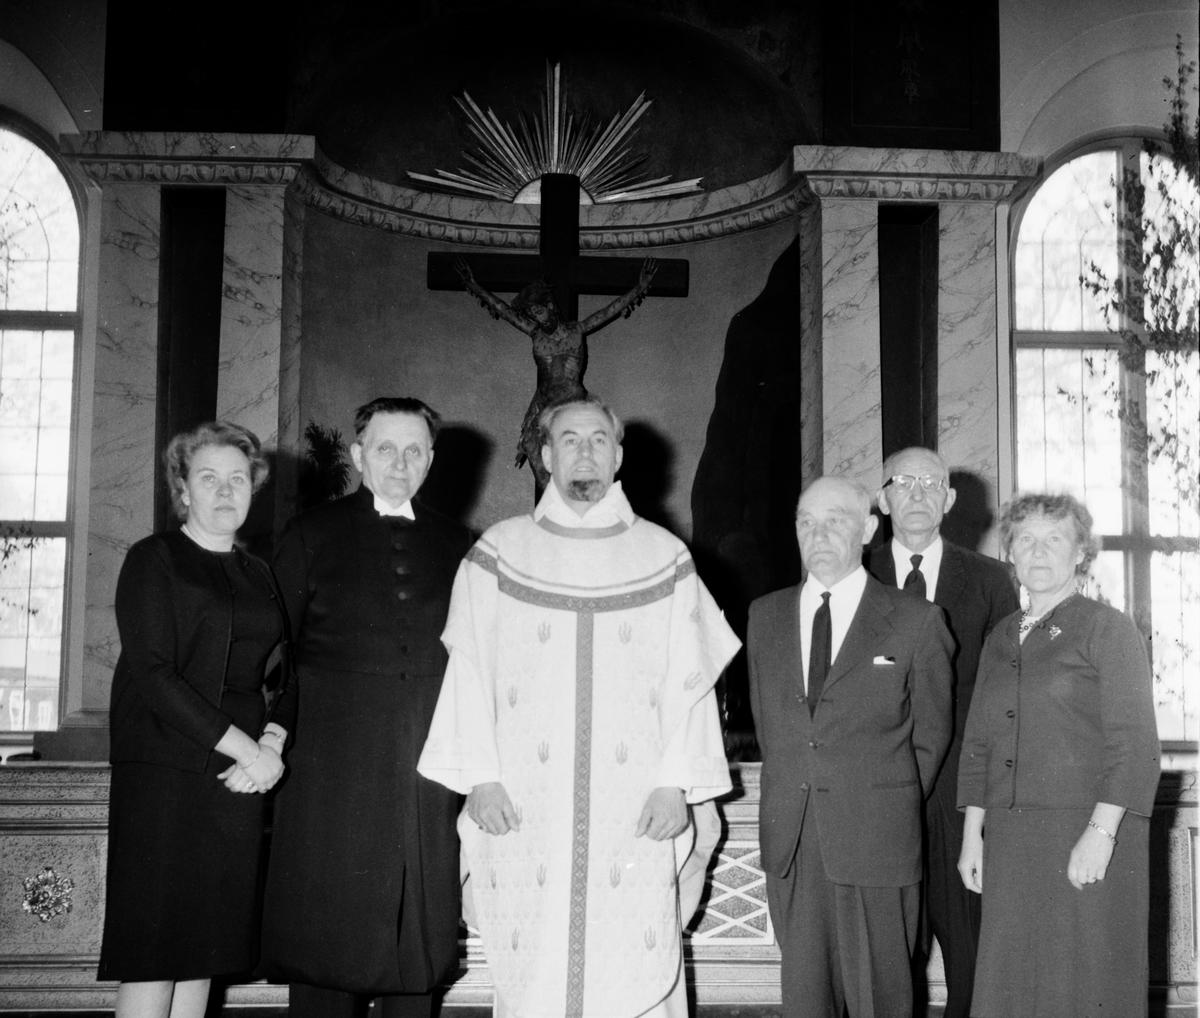 Persson Olle Segersta sista predikan i hemkyrkan 30/5-1965. I Arbrå 31/5-1965.